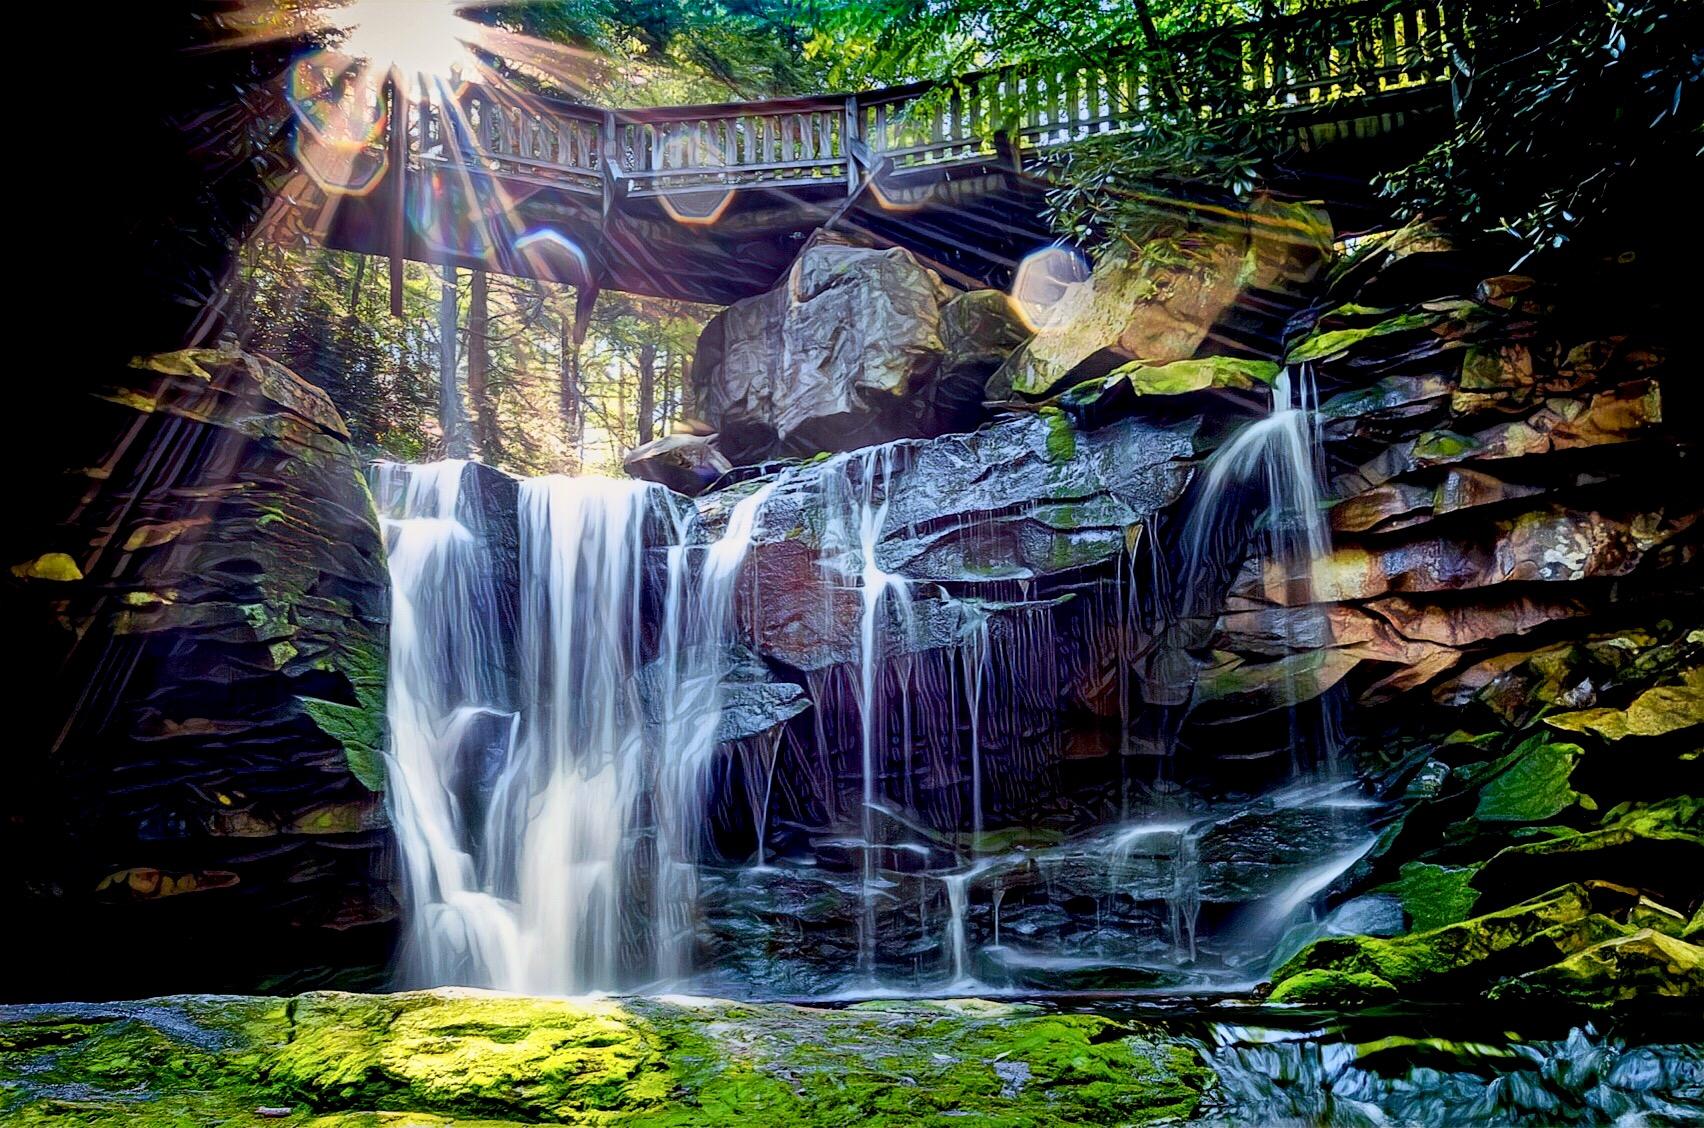 Elakala Falls, USA